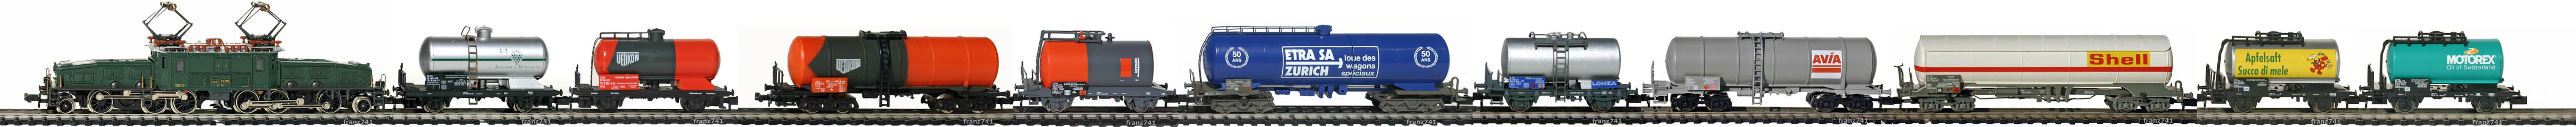 Epoche-IV-SBB-Gueterzug_Be-6-8-III-Elok-Typ-Z-Kesselwagen